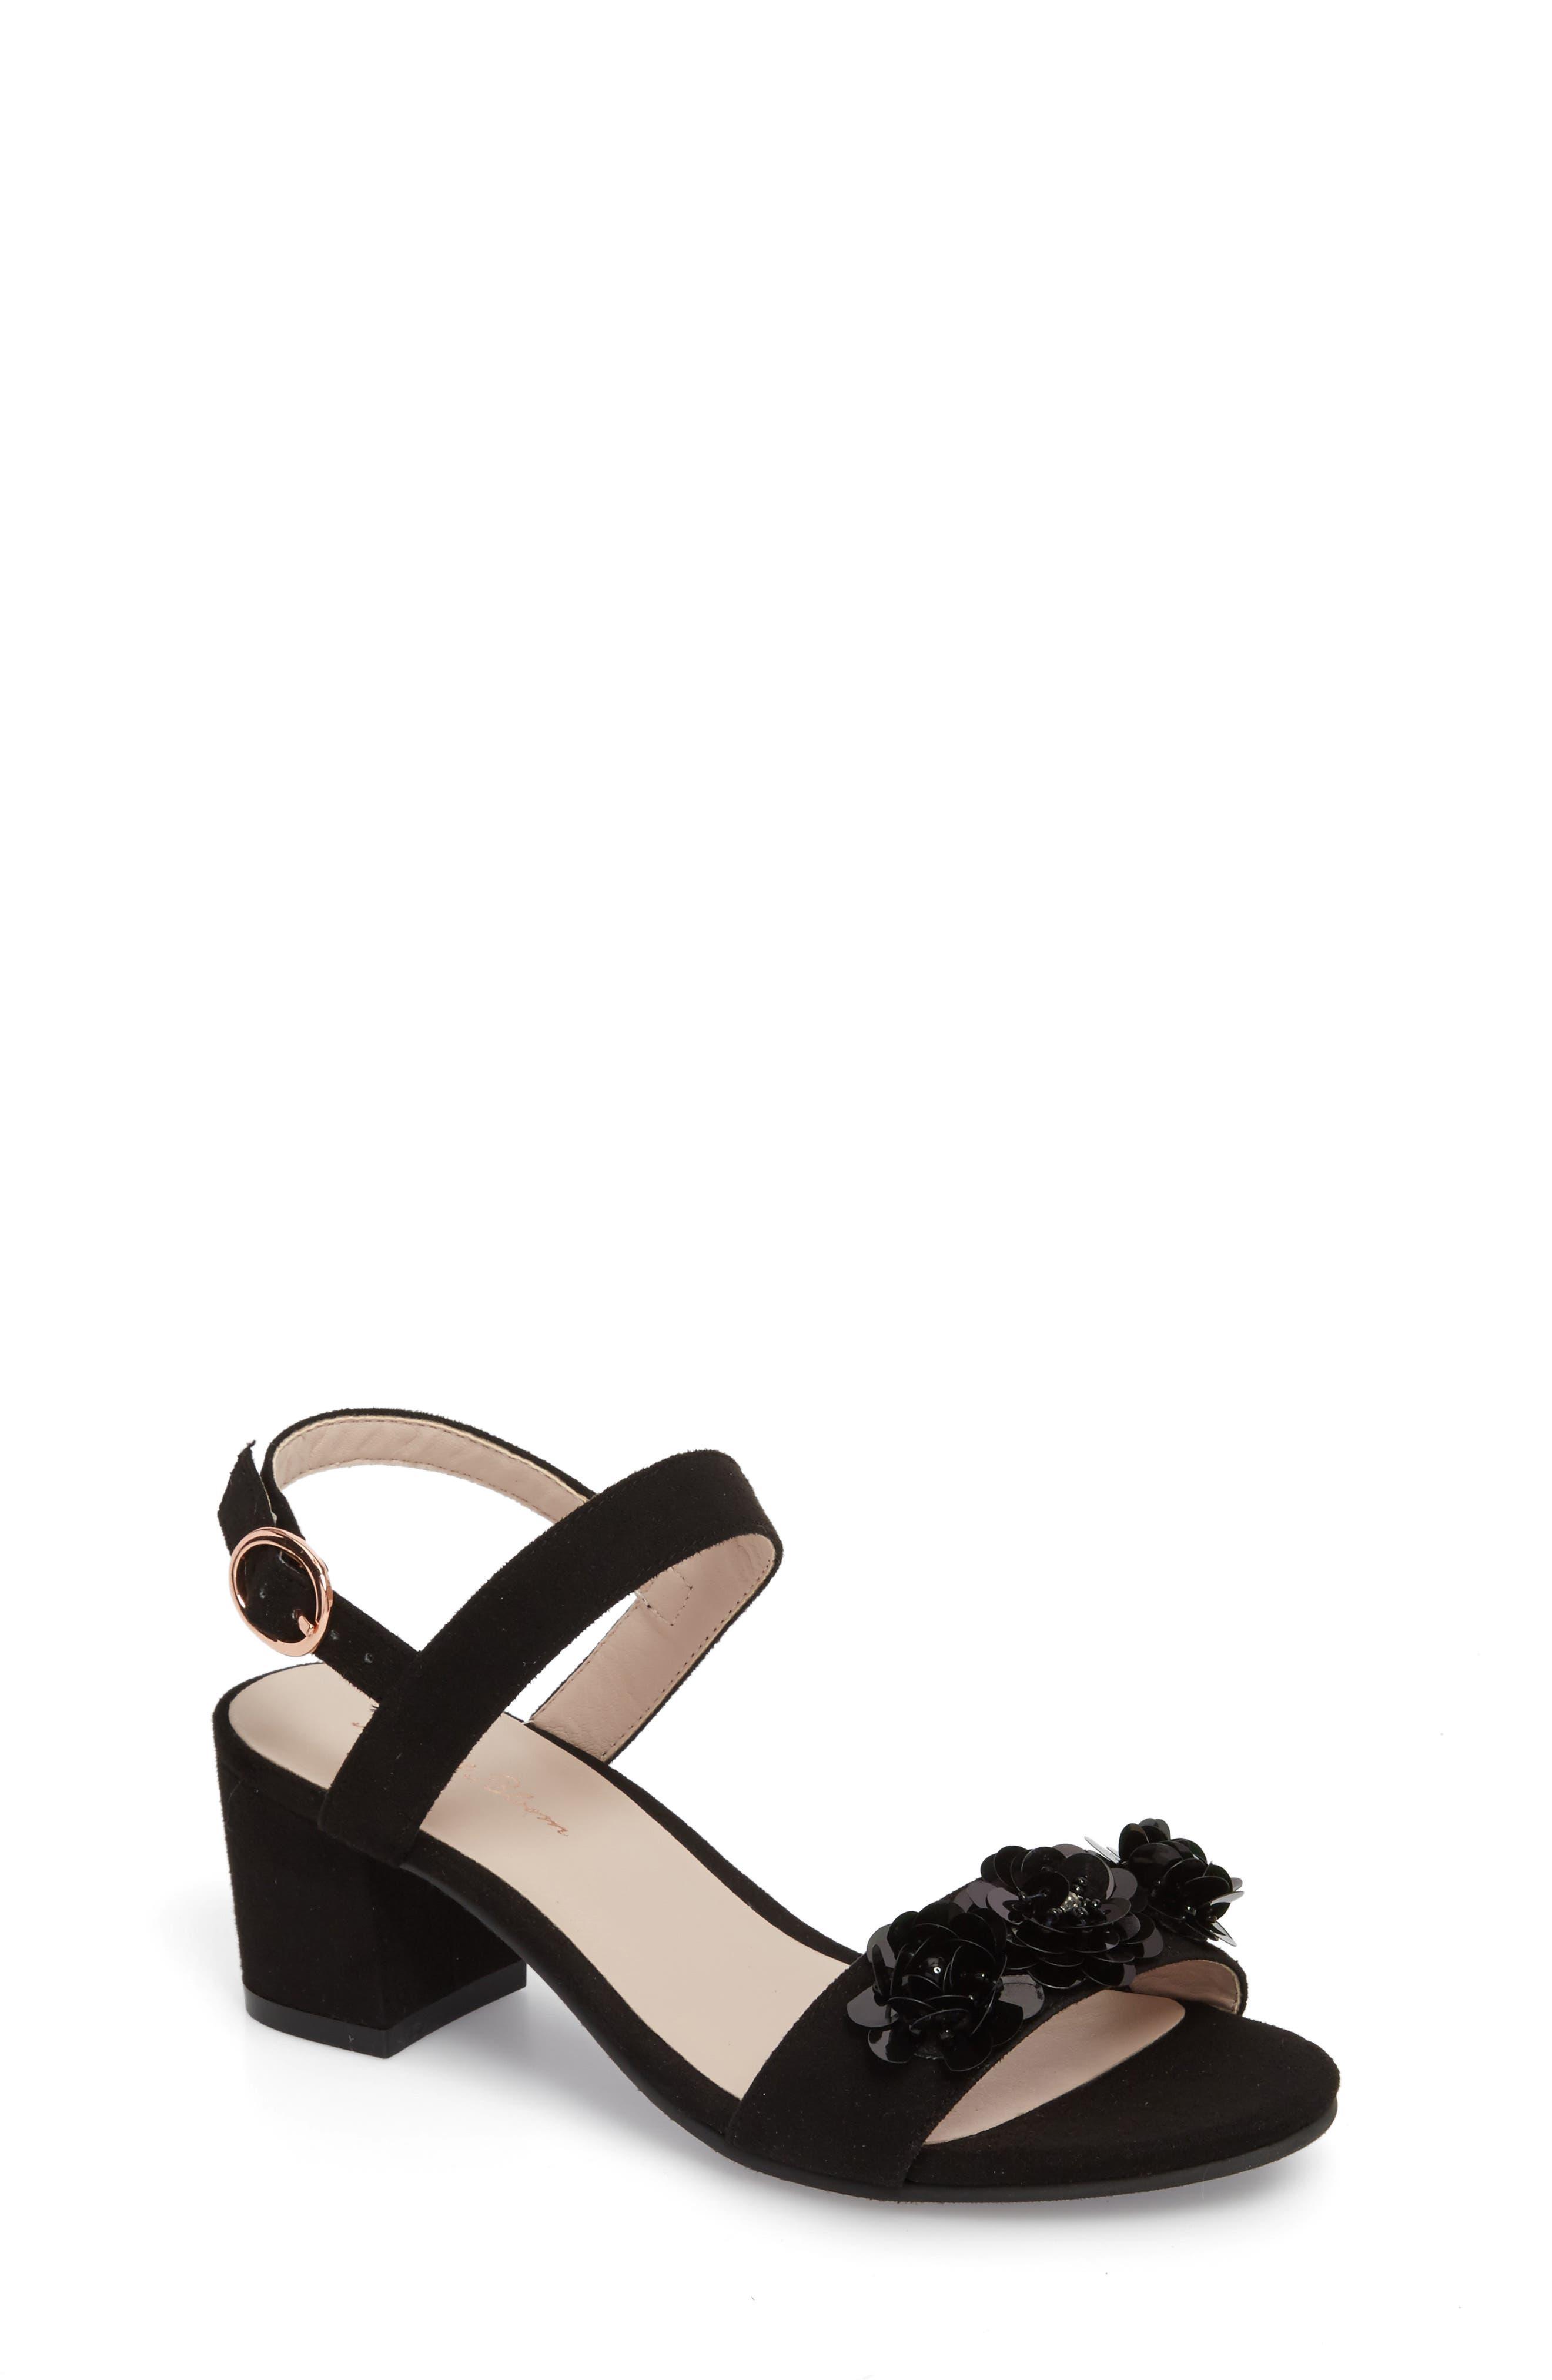 Dina Floral Embellished Sandal,                         Main,                         color, Black Fabric